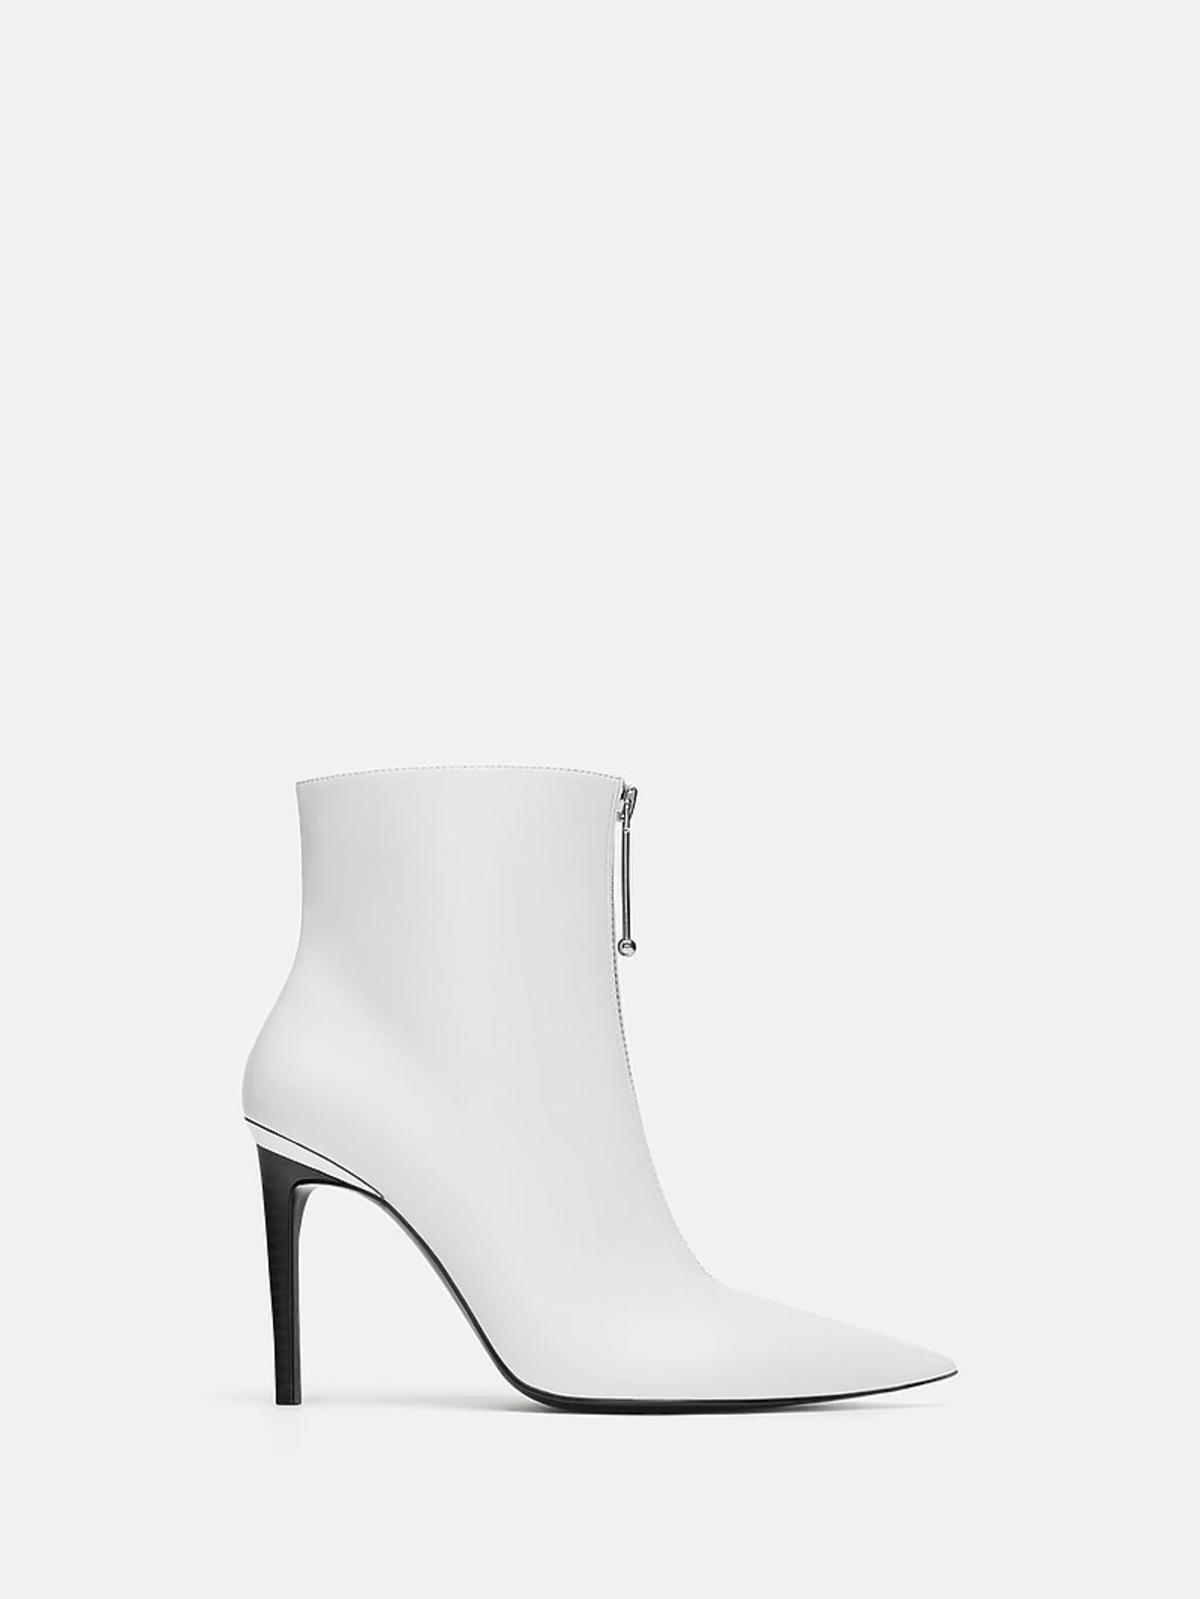 Białe botki Zara cena 199 zł